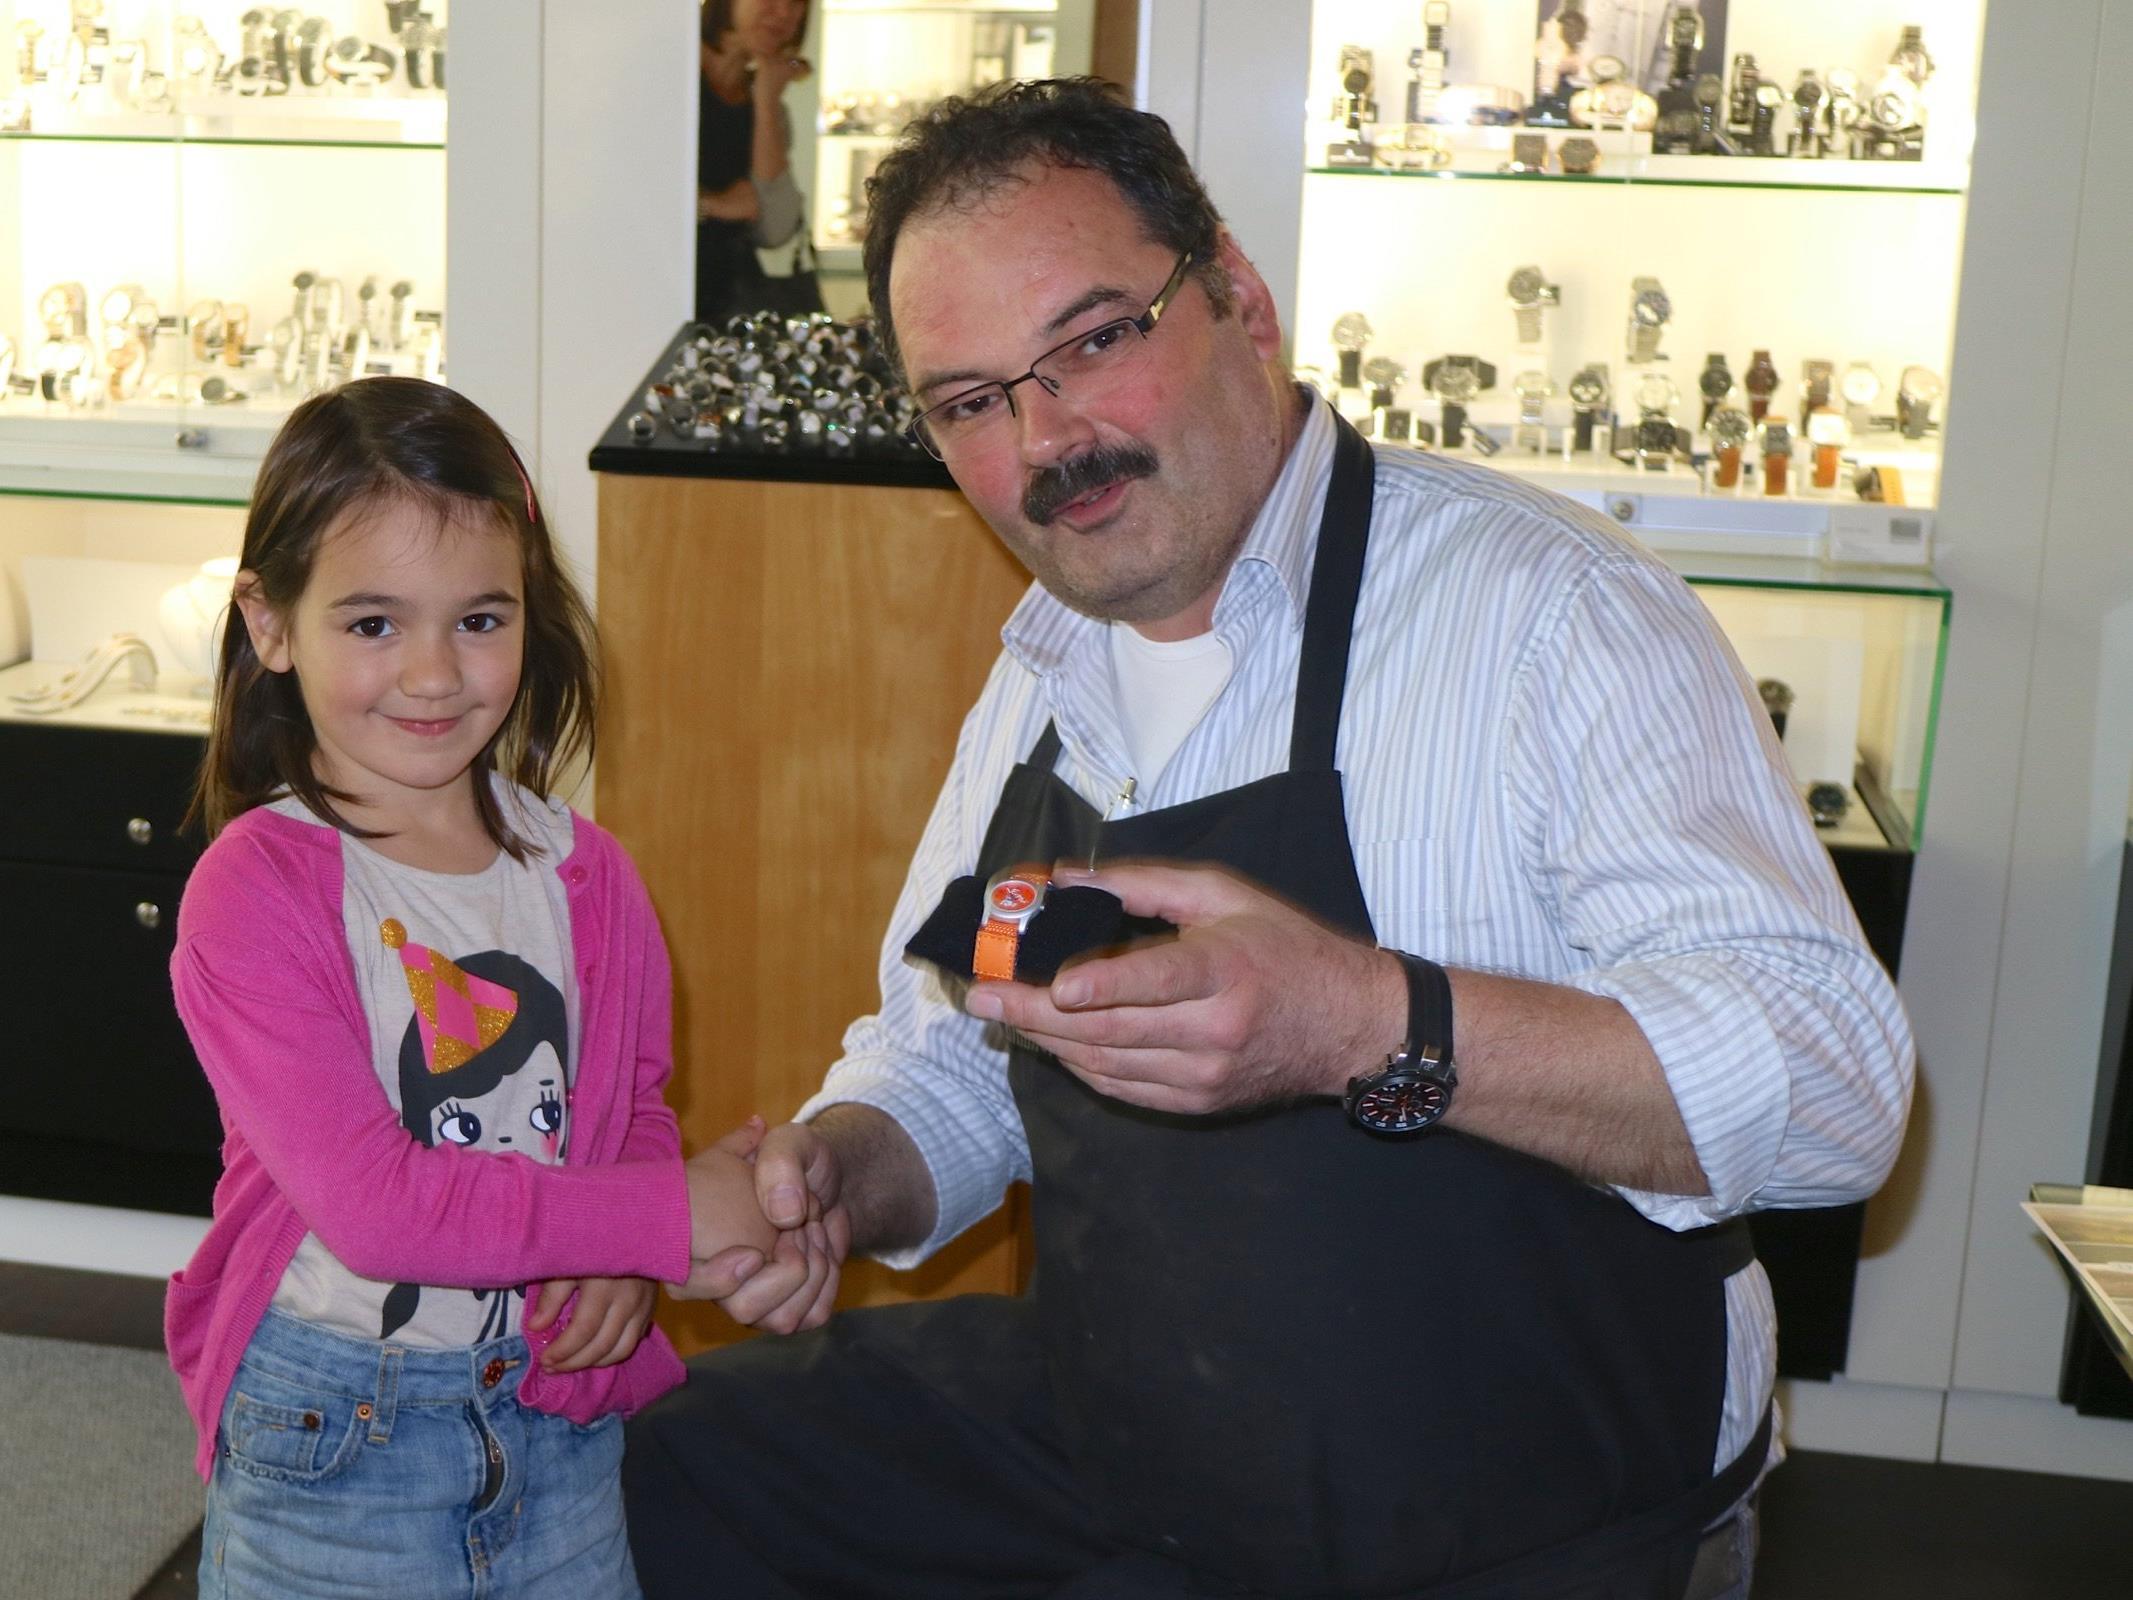 Ortsvorsteher Fredy Himmer durfte der fünfjährigen Carla Magalotti aus Tosters die coole Kinderuhr für das Siegerbild überreichen.